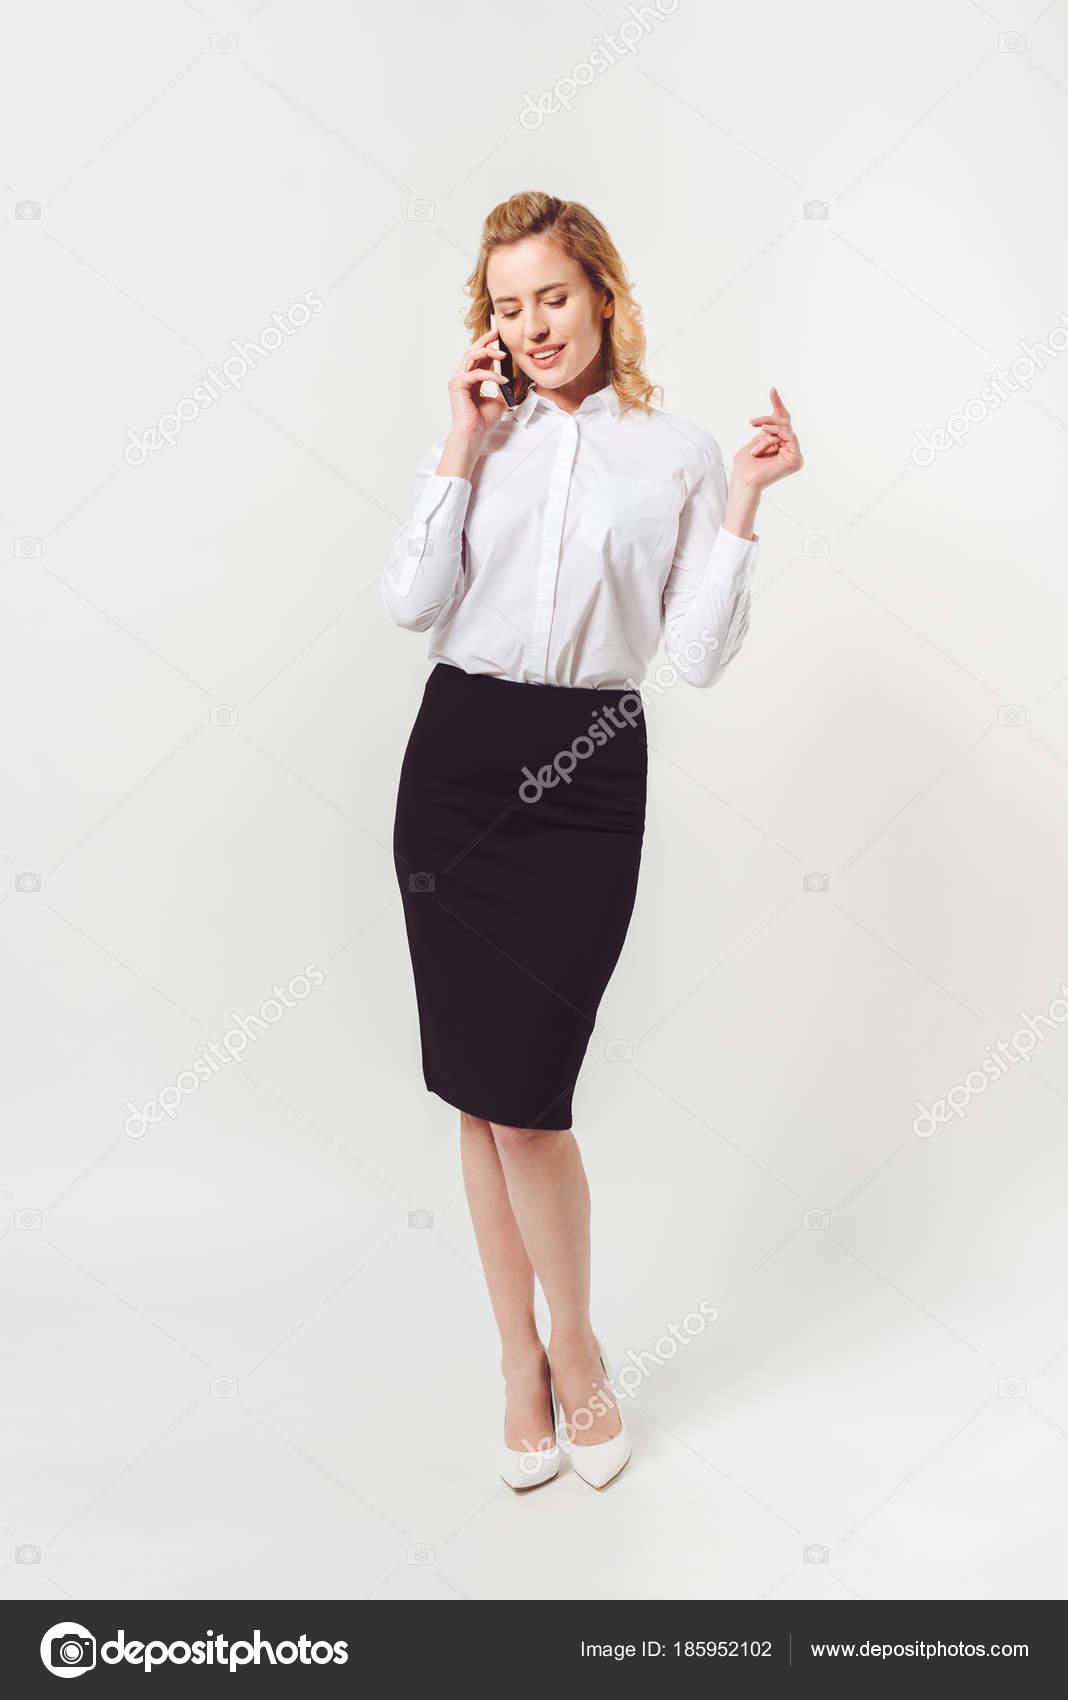 big sale 5720e d5930 Elegante Donna Affari Camicia Bianca Che Comunica Dal ...